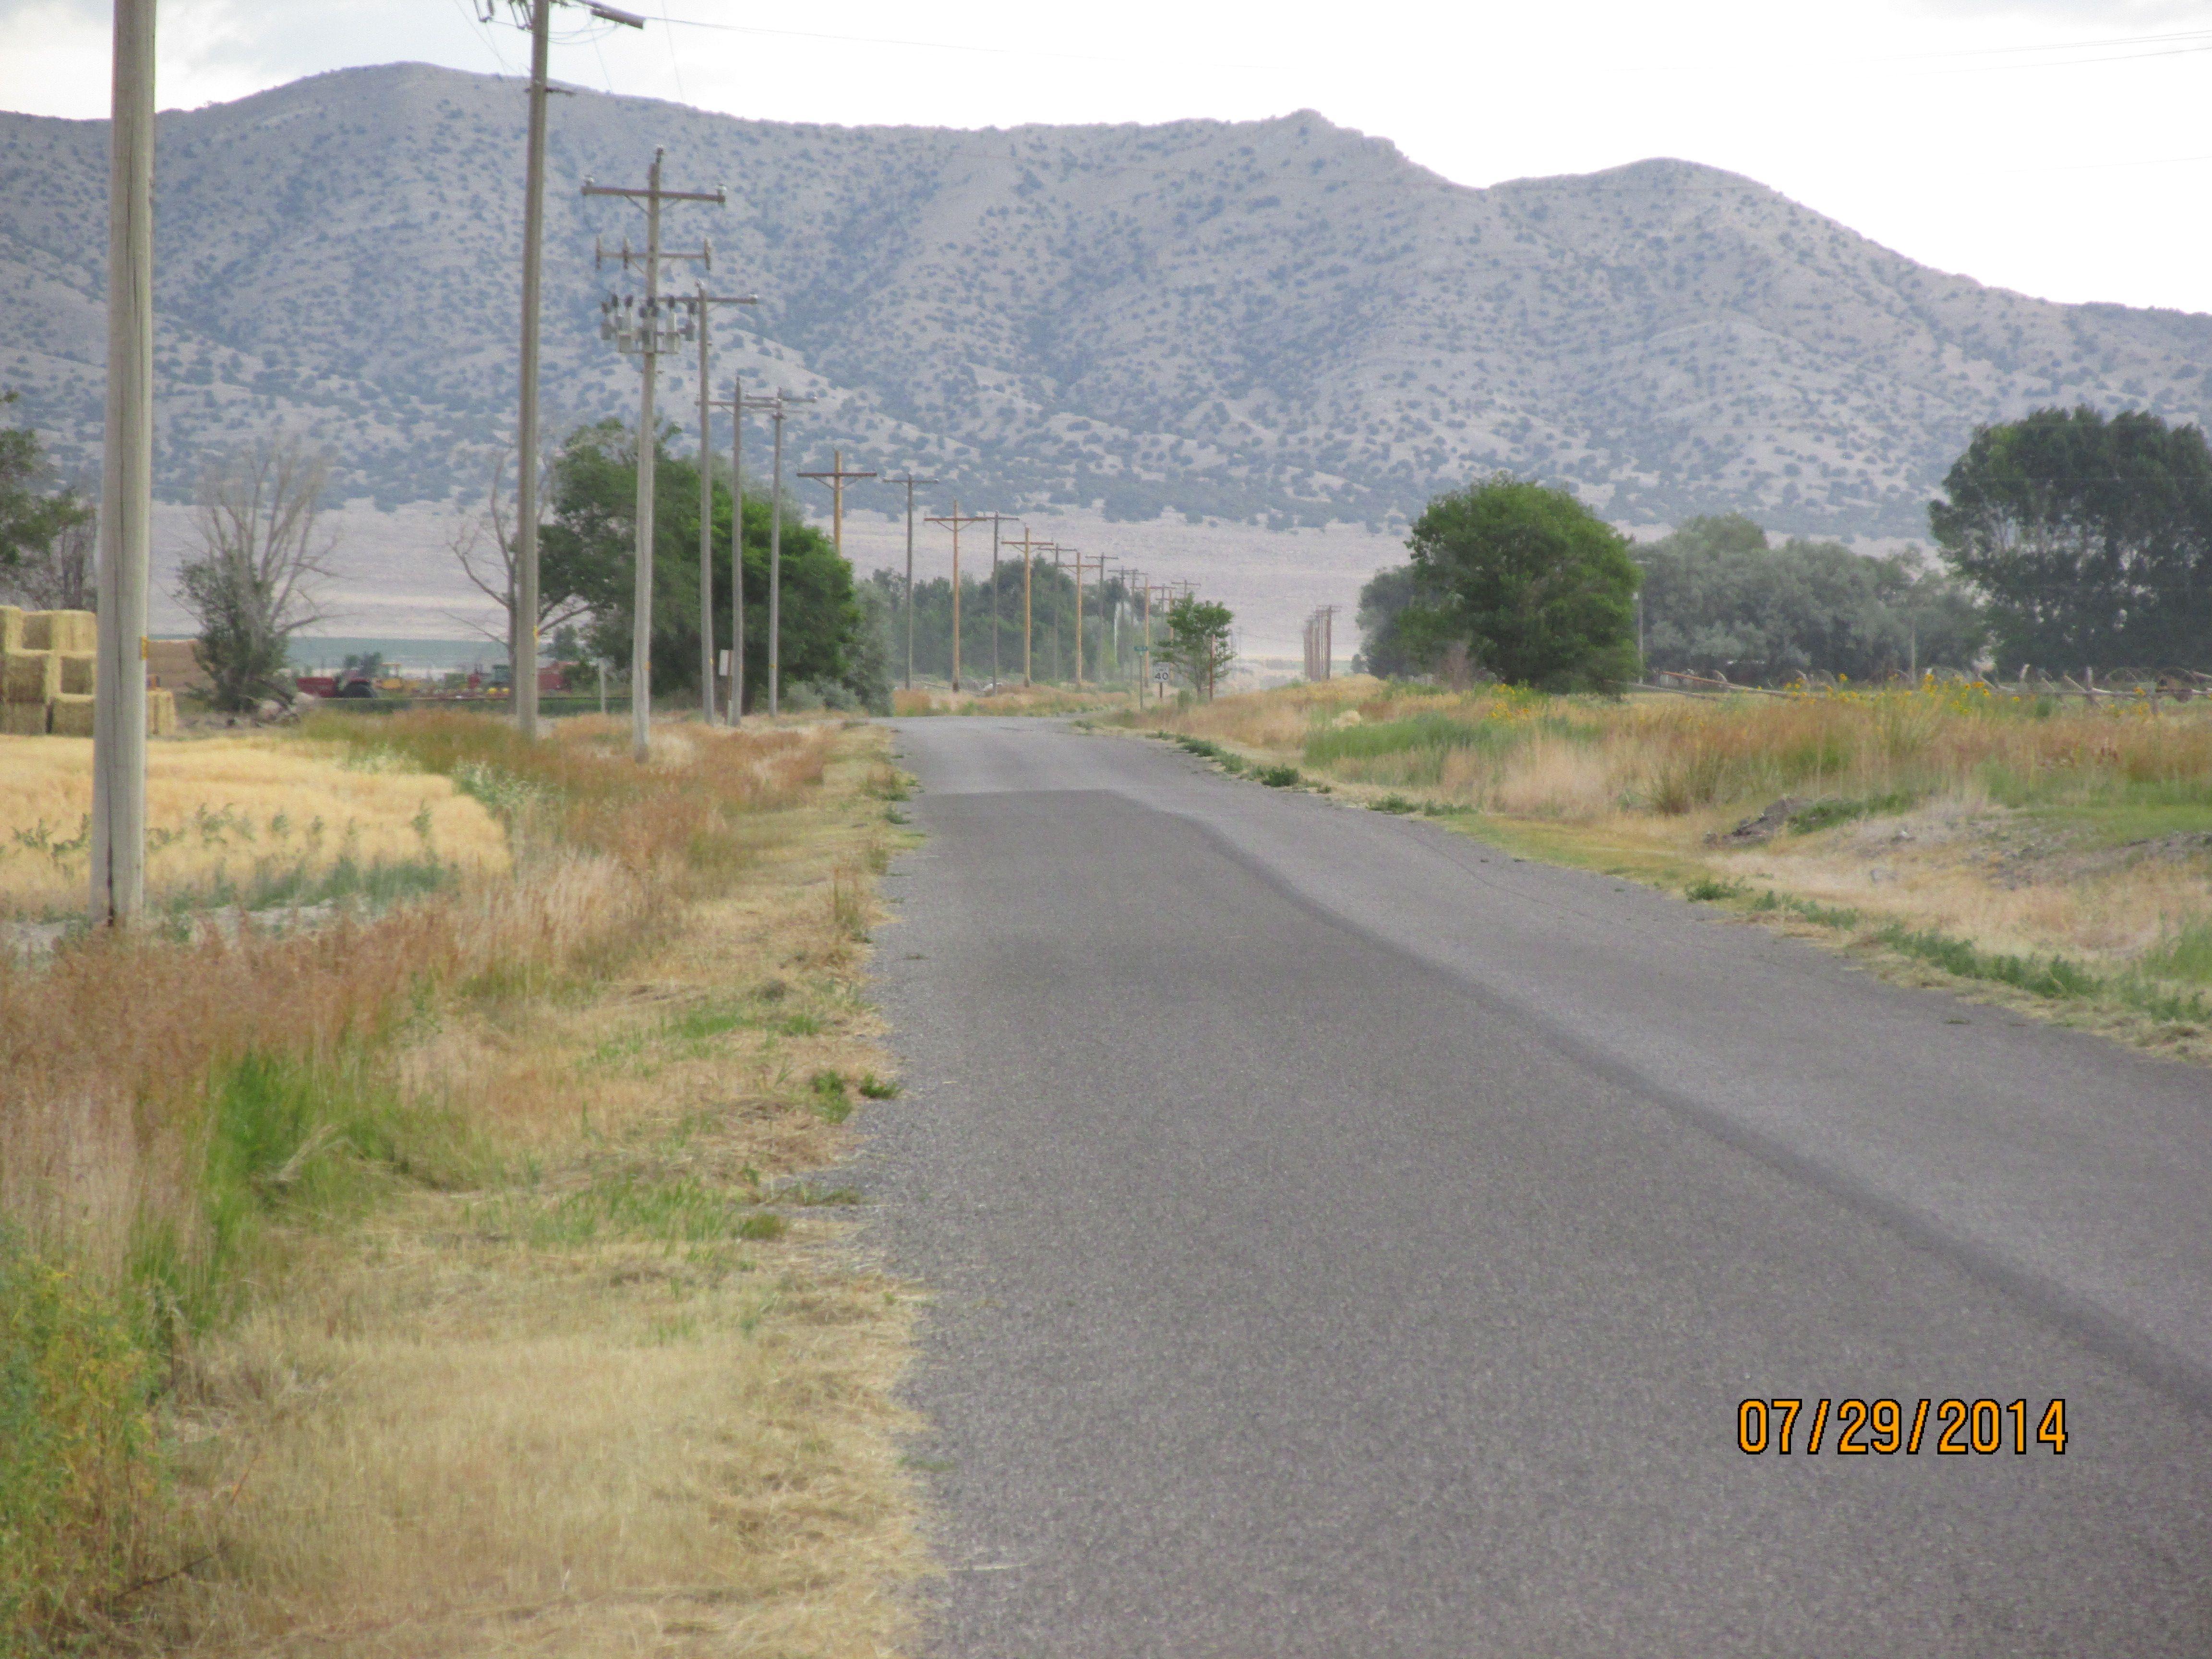 3800 North in Howe, Idaho, looking eastward Country